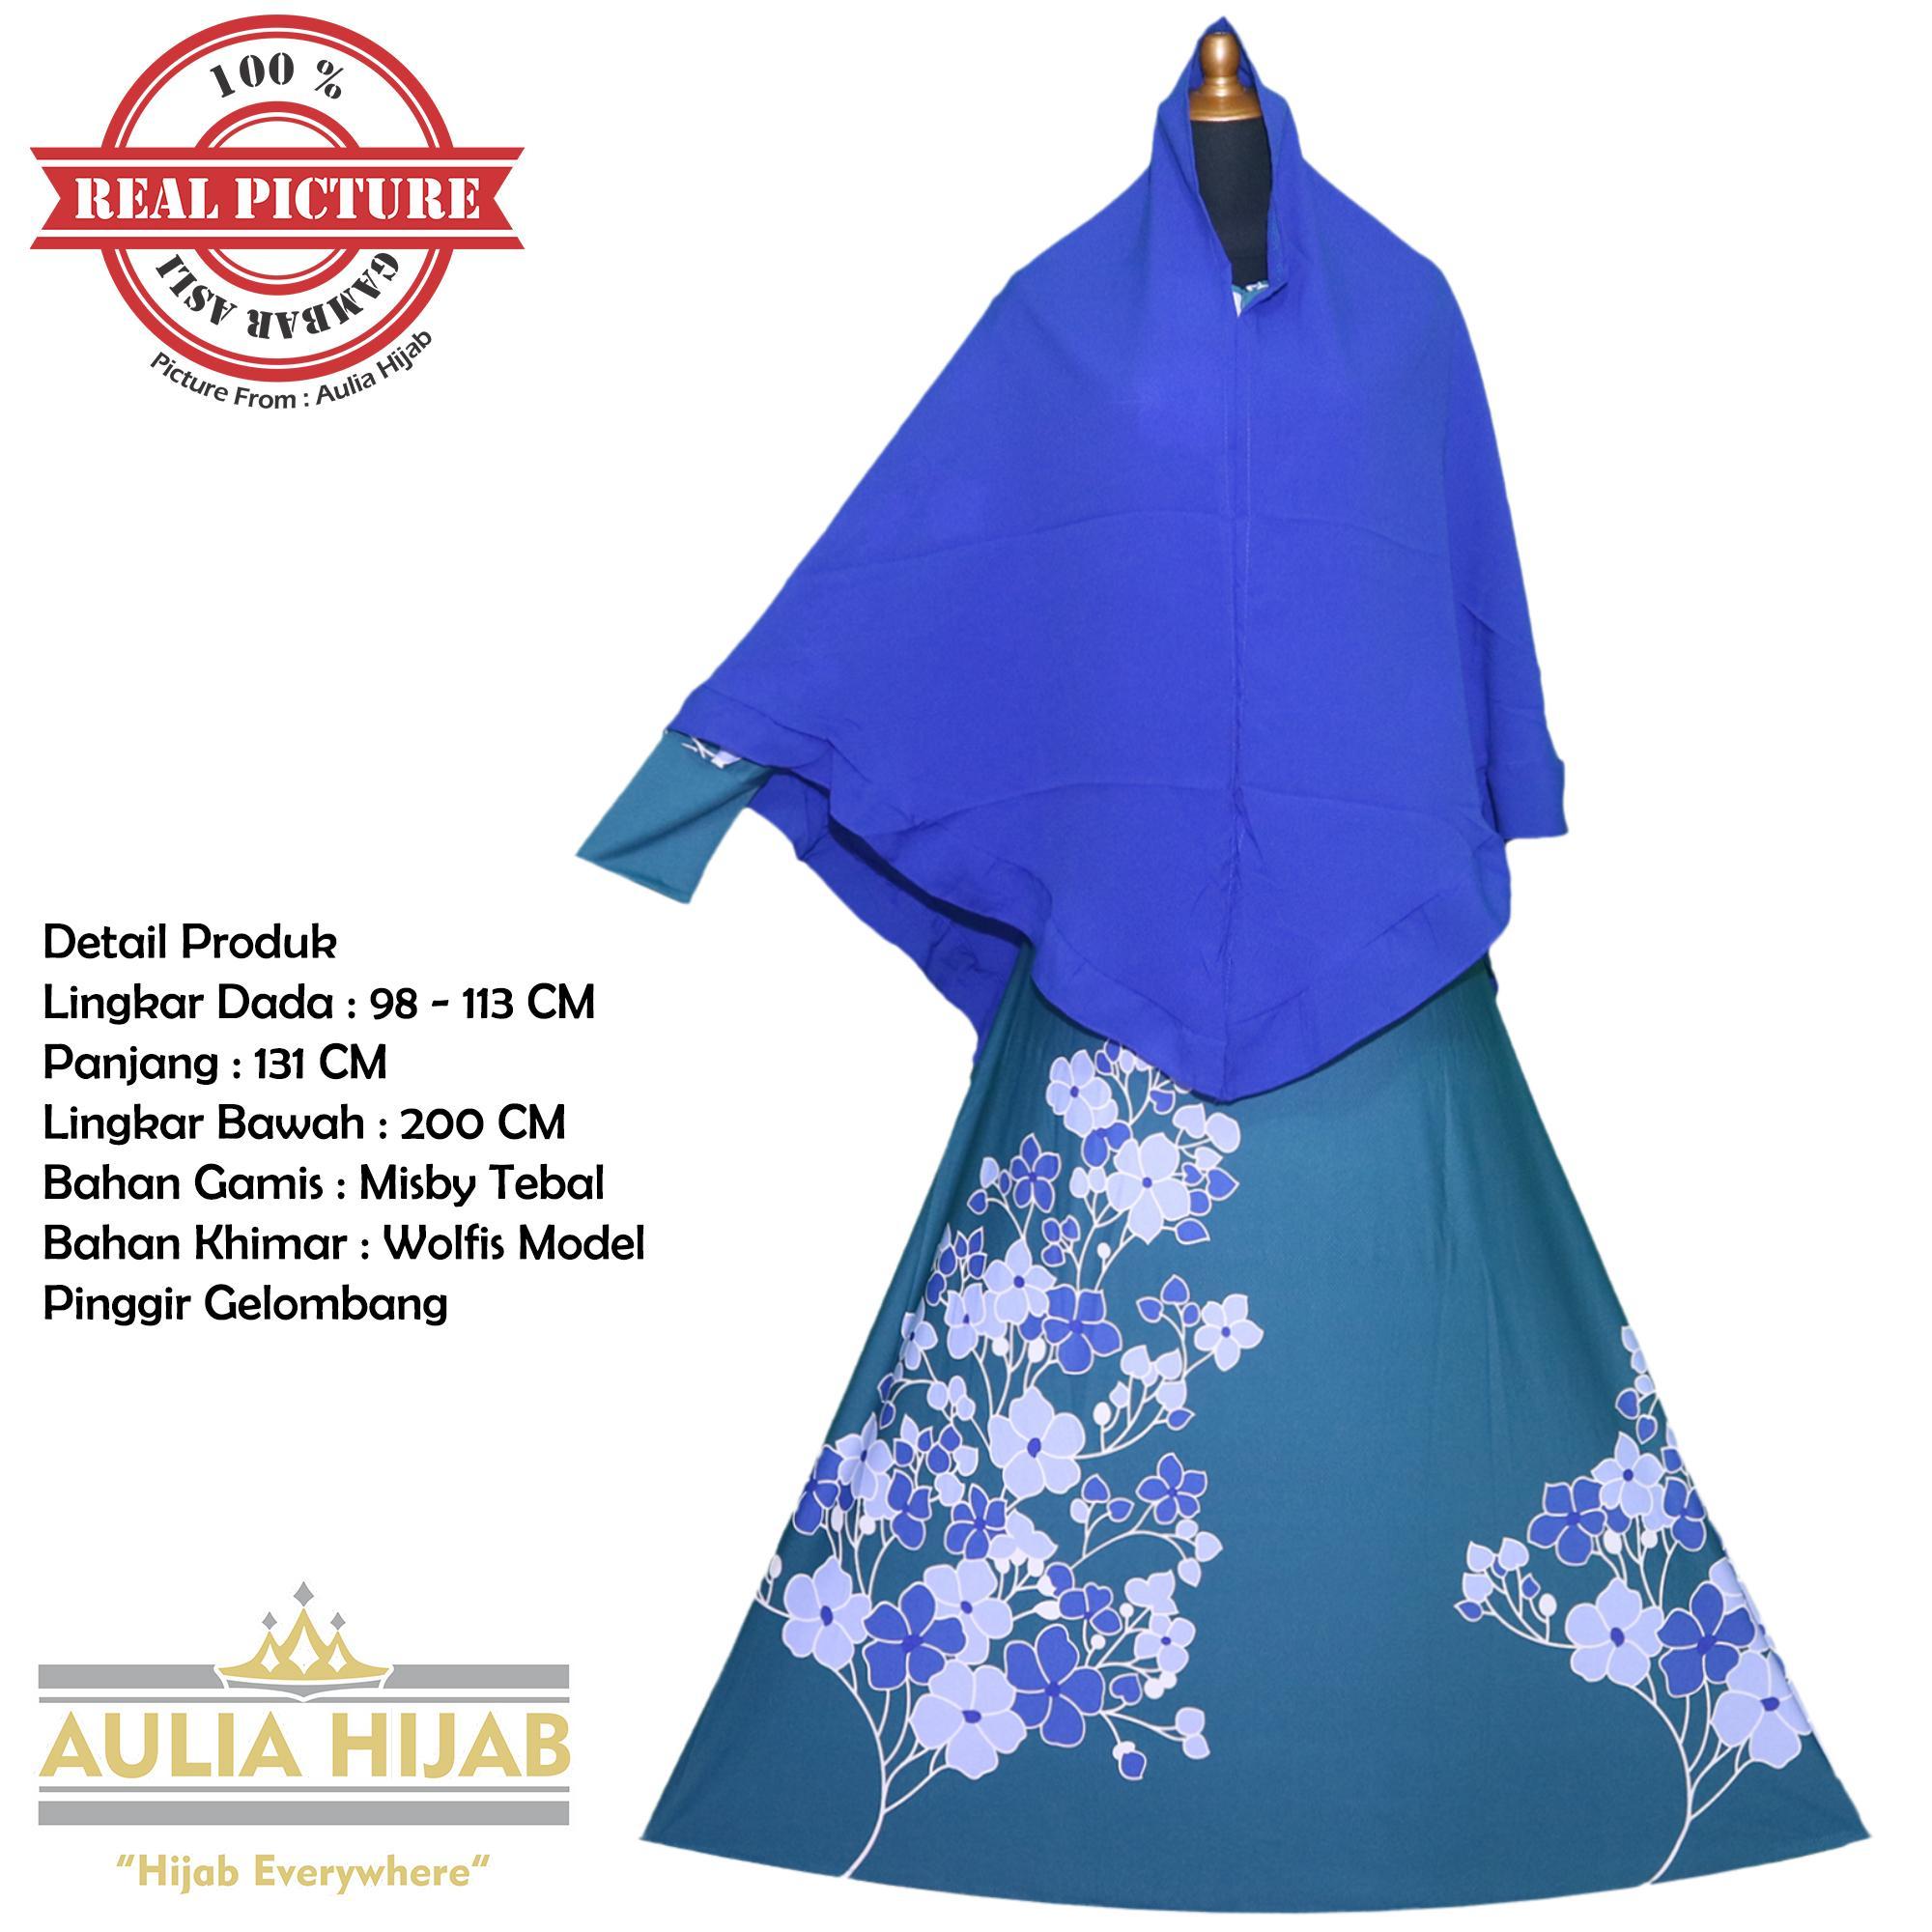 Aulia Hijab - New Lyra Syar'i INCLUDE KHIMAR/Gamis Syar'i/Gamis Misby/Gamis Wolfis/Gamis Laser/Gamis Murah/Gamis Terbaru/Gamis Jilbab/Gamis Plus Jilbab/Gamis Jilbab Panjang/Gamis Plus Khimar/Gamis Pesta/Gamis Cantik